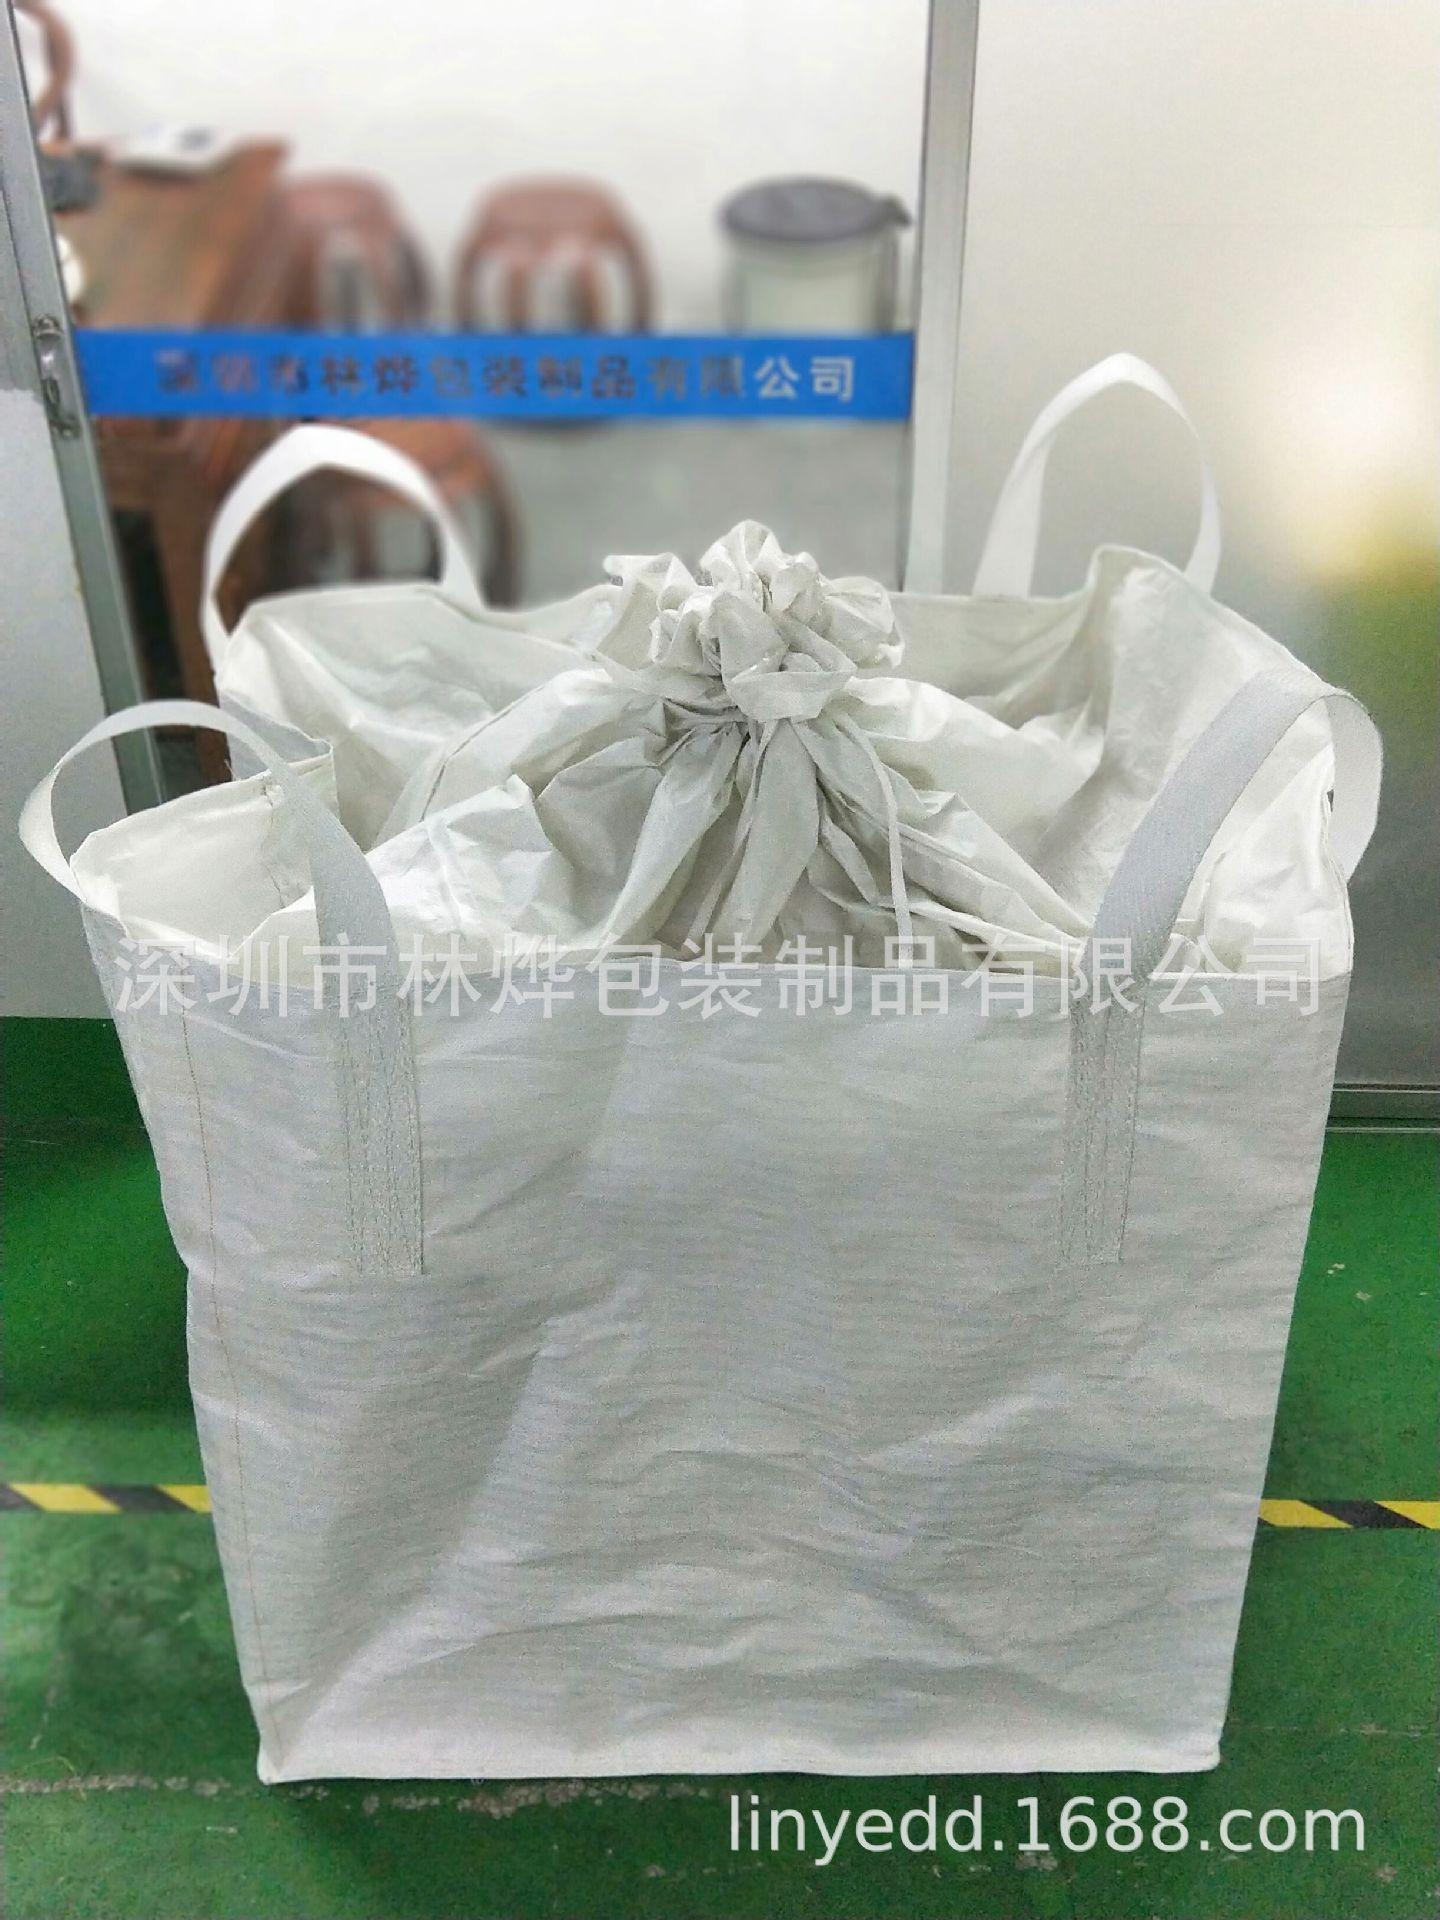 厂家供应 工业吊带加围托底吨袋  桥梁预压吨袋 集装袋吨袋批发